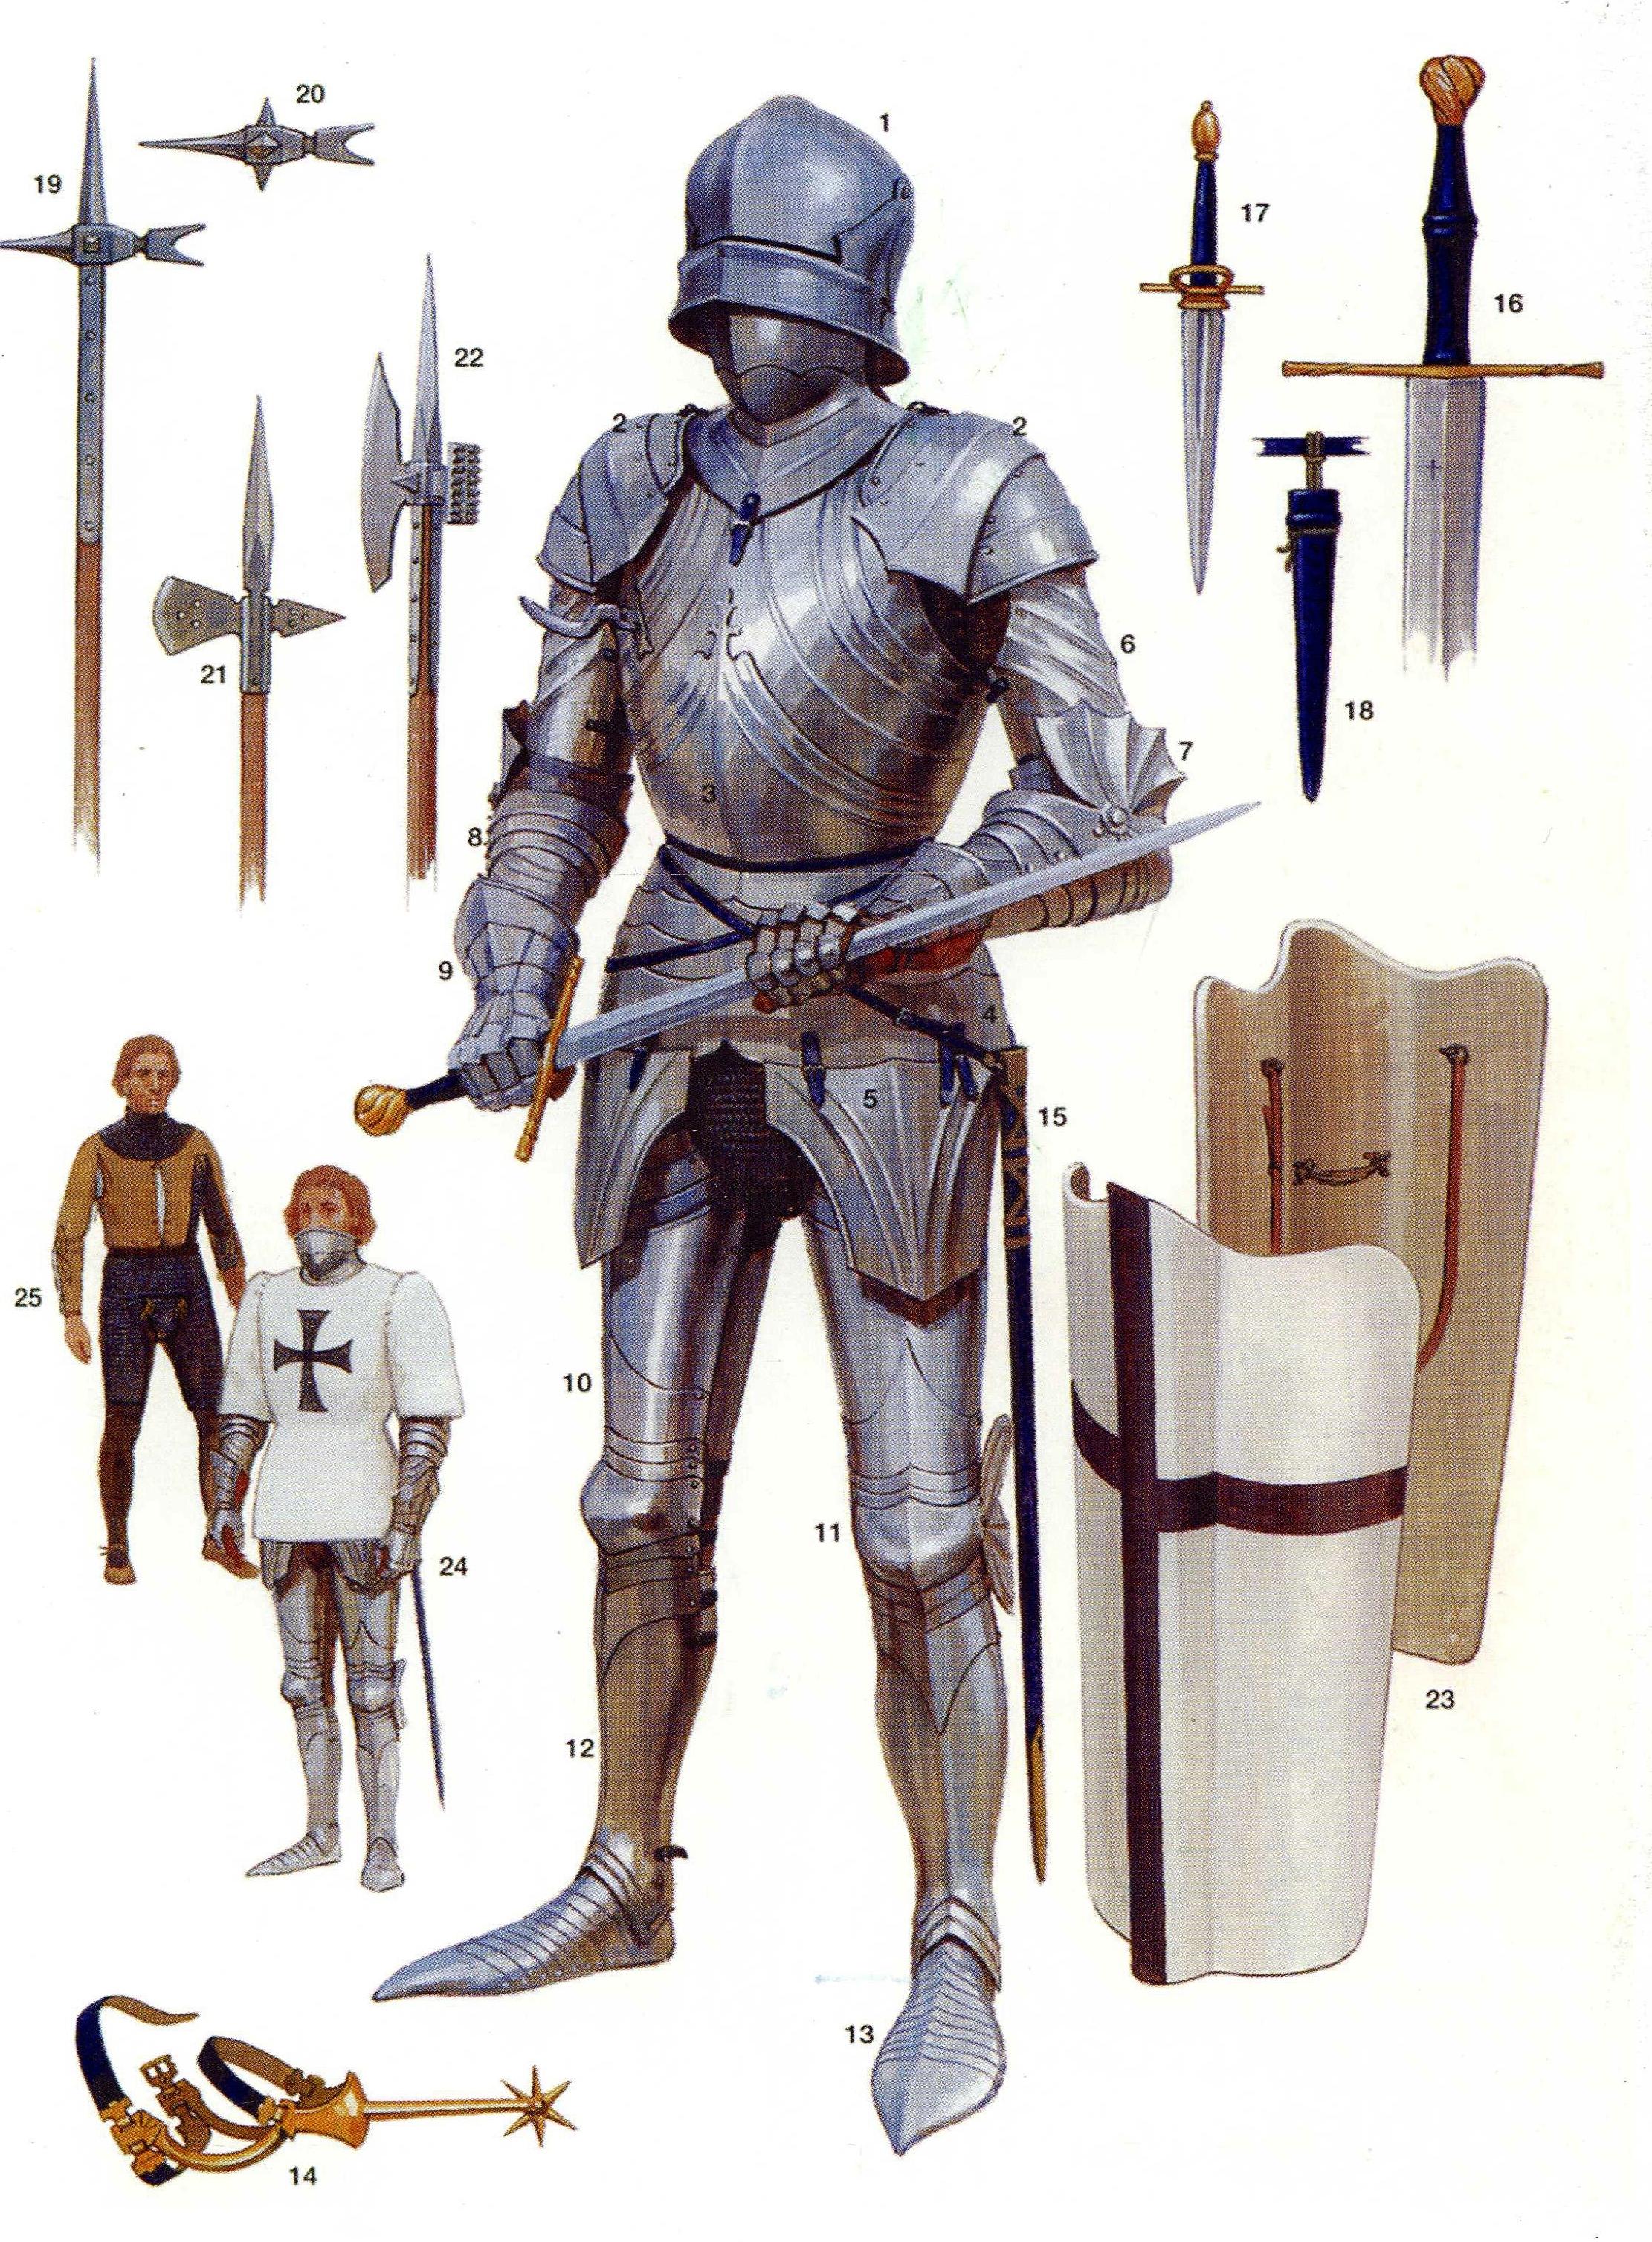 Armaduras y armas de los caballeros QKm6bz